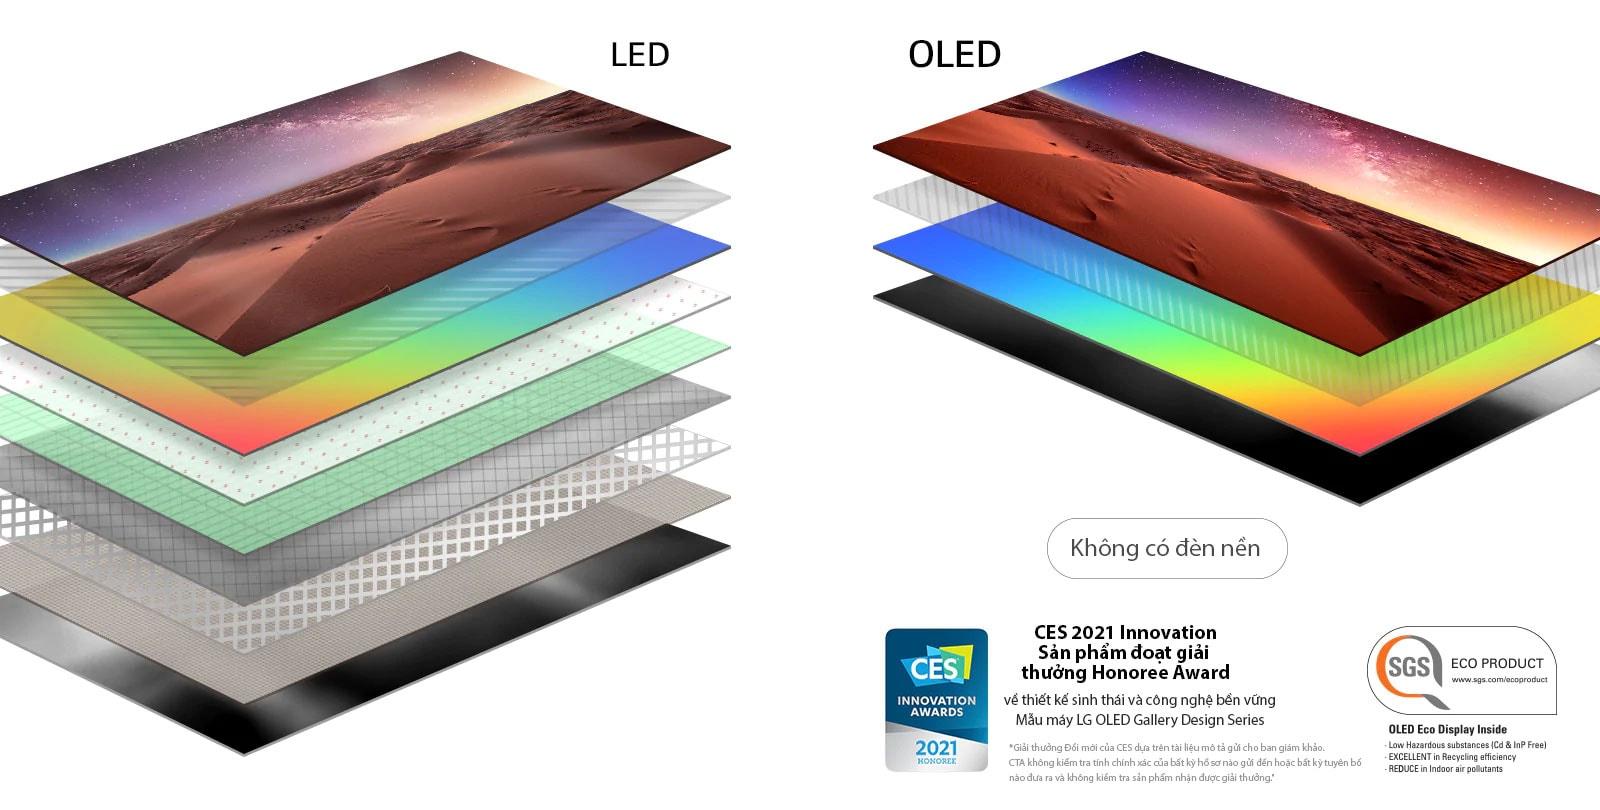 So sánh thành phần lớp hiển thị của TV LED có đèn nền và TV OLED tự phát sáng (phát video)